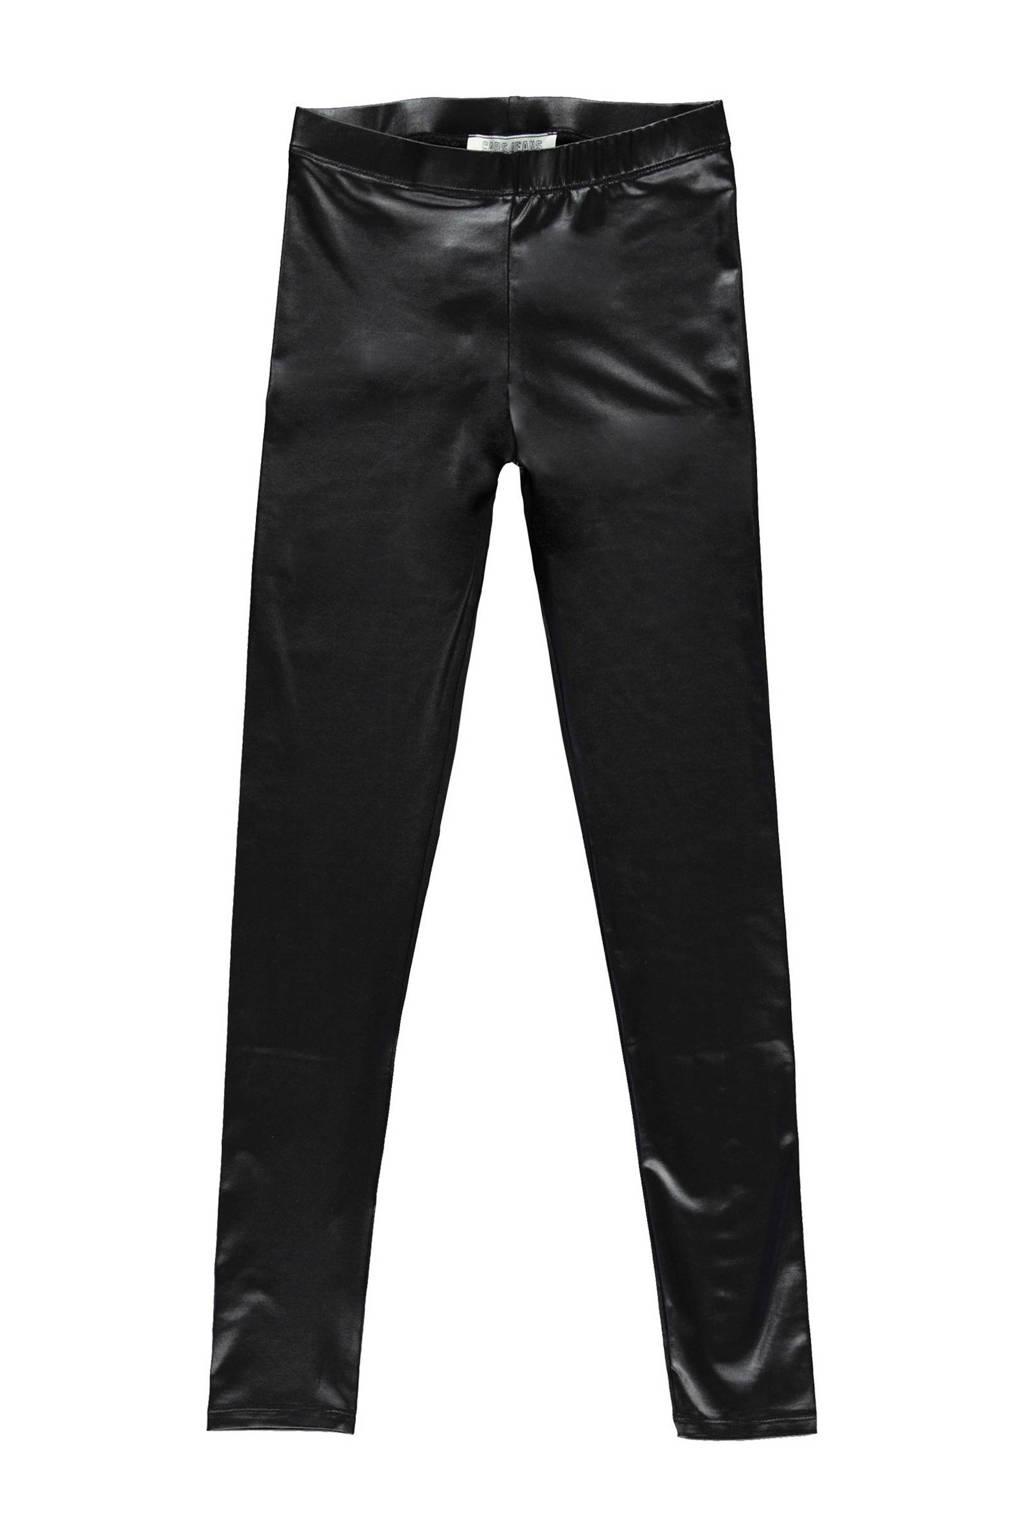 Cars imitatieleren high waist broek Santy zwart, Zwart